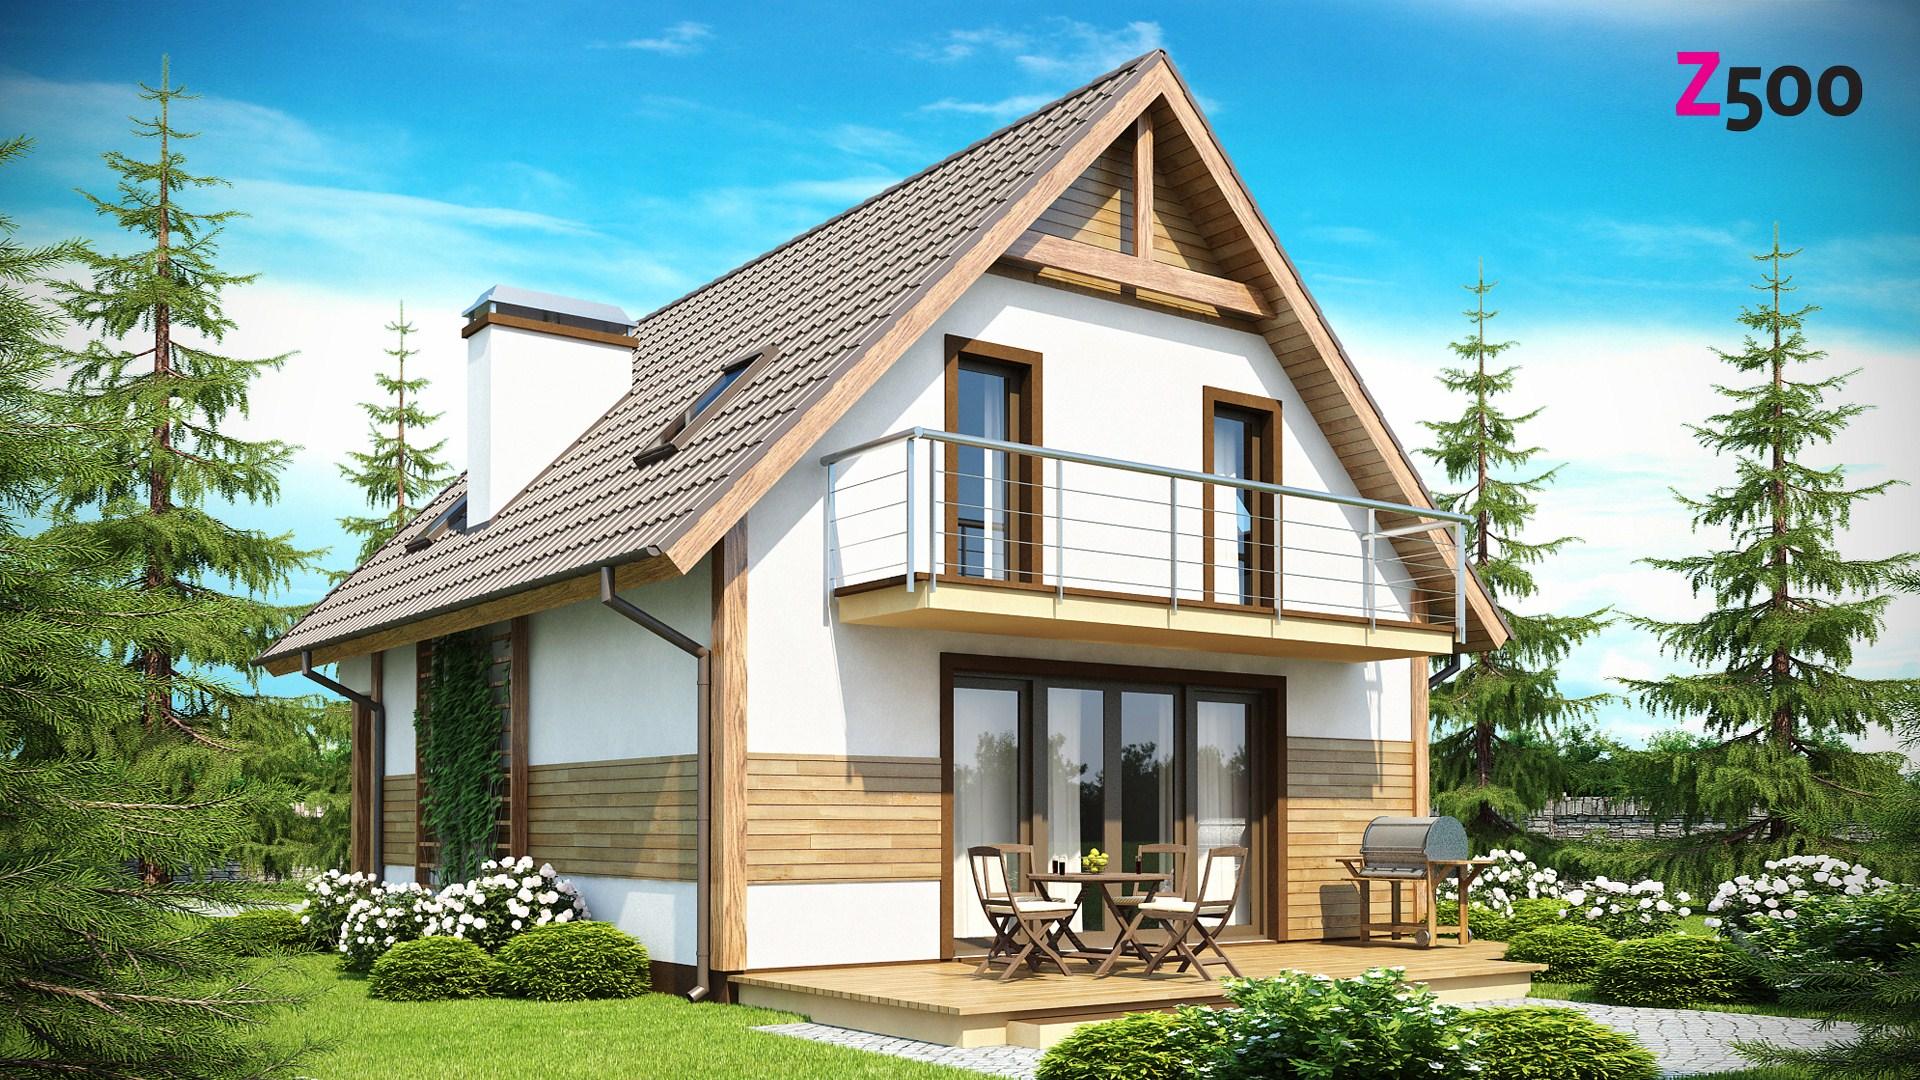 Деревянный дом  дешево и красиво проекты